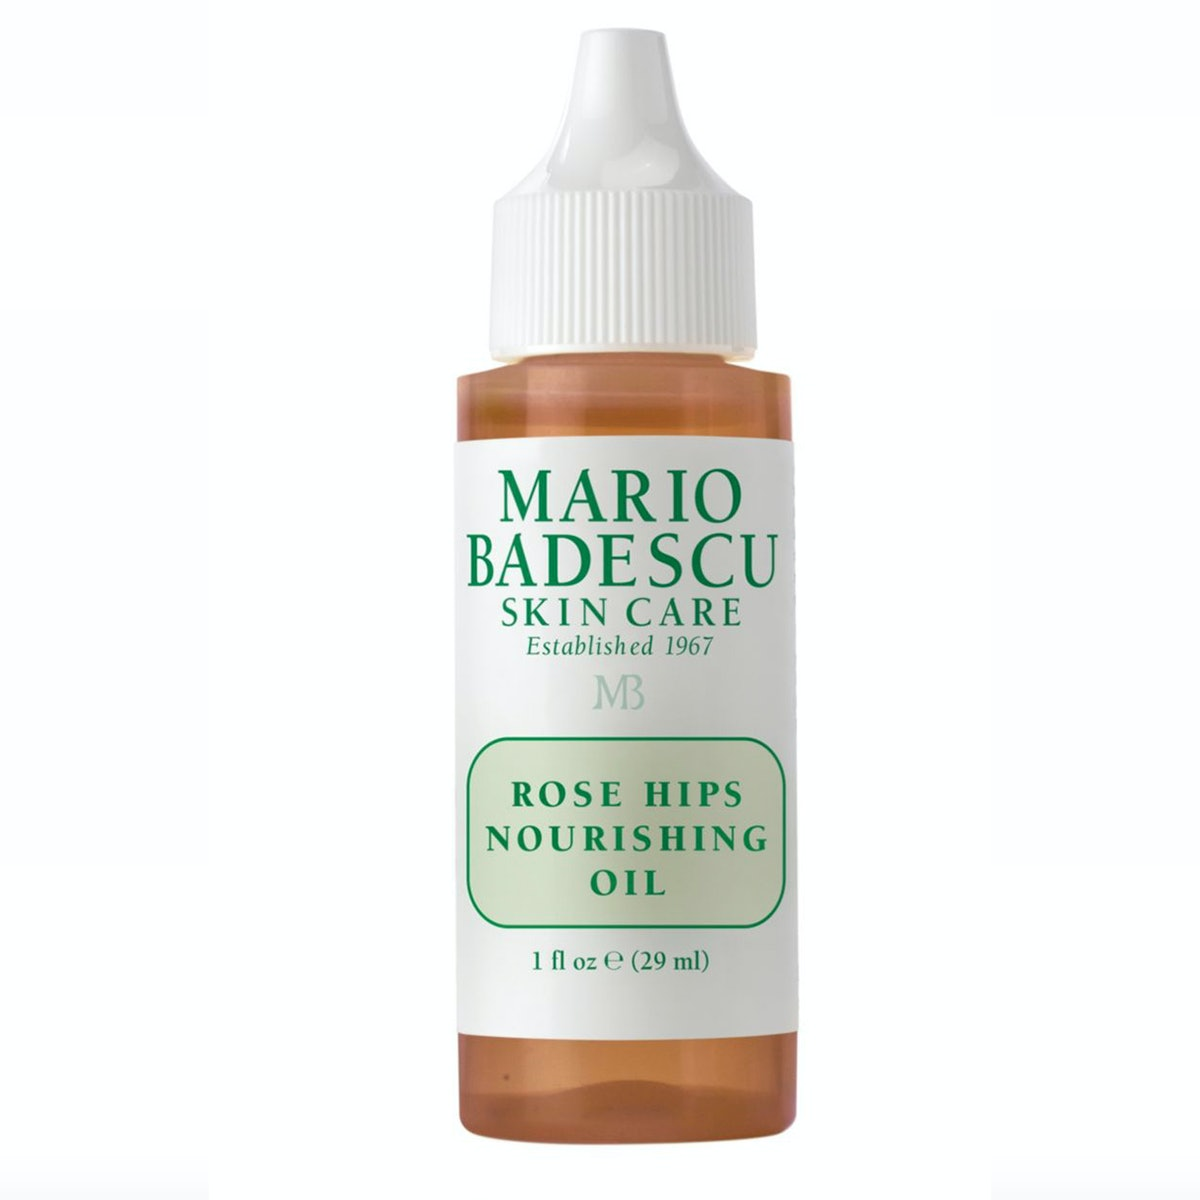 Rose Hips Nourishing Oil